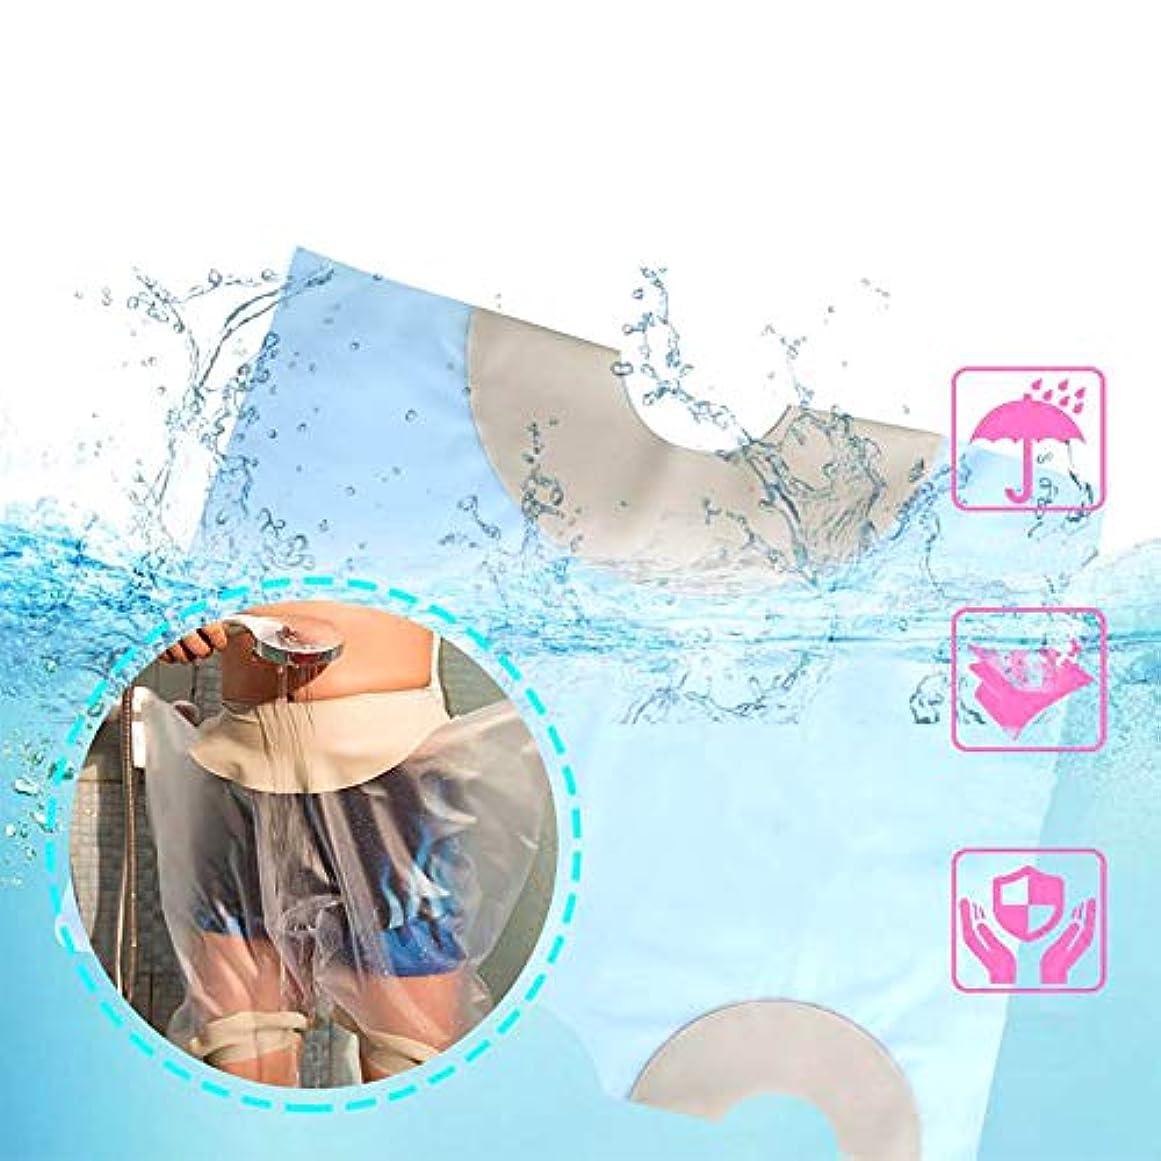 しがみつく喜劇豆防水キャストバッグ包帯プロテクター防水大人のプラスチック製の保護ドライバッグ防水、耐、水中シール,M